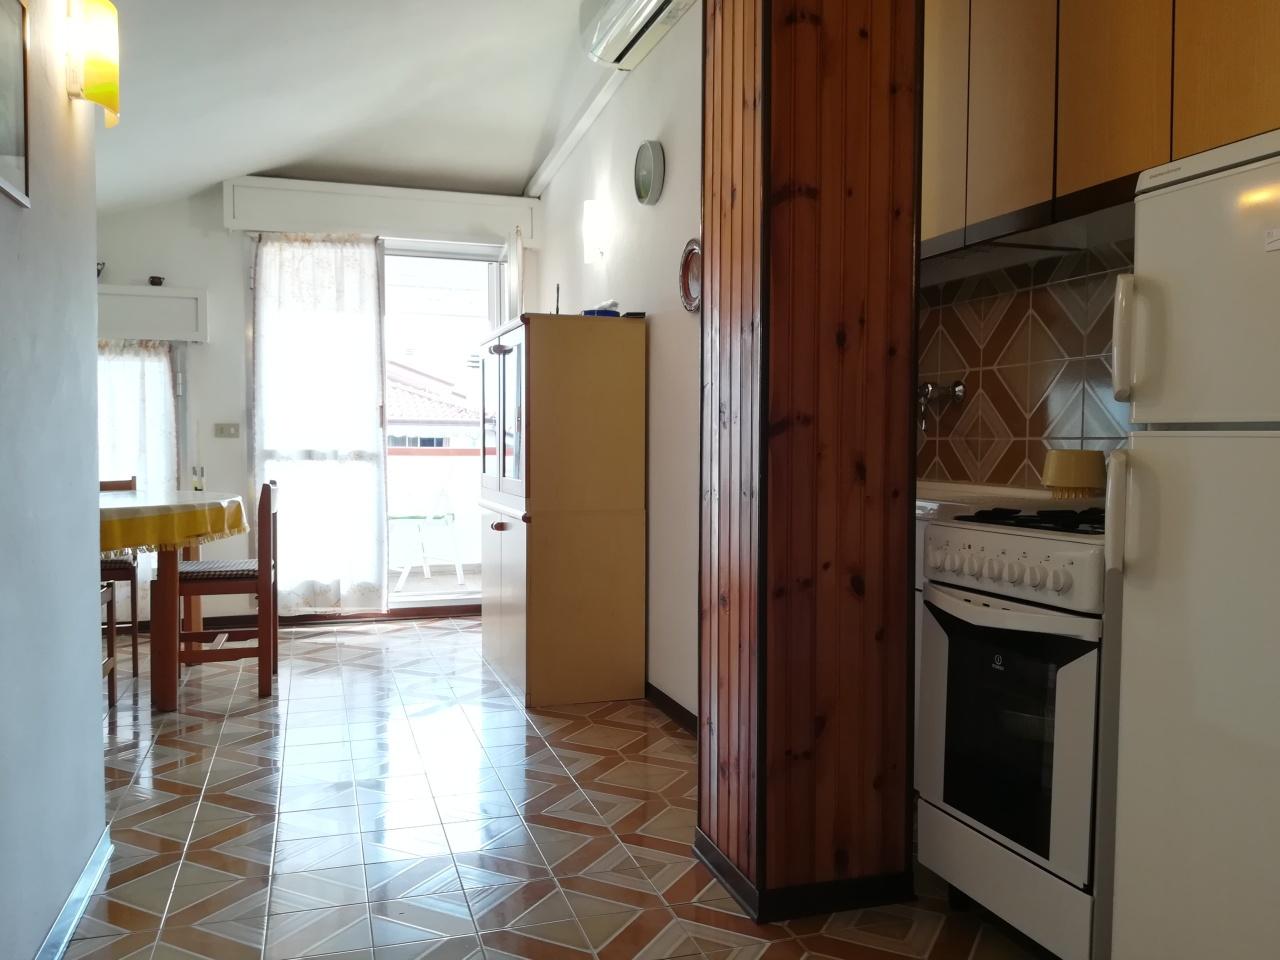 Attico / Mansarda in vendita a Ameglia, 2 locali, prezzo € 125.000 | PortaleAgenzieImmobiliari.it